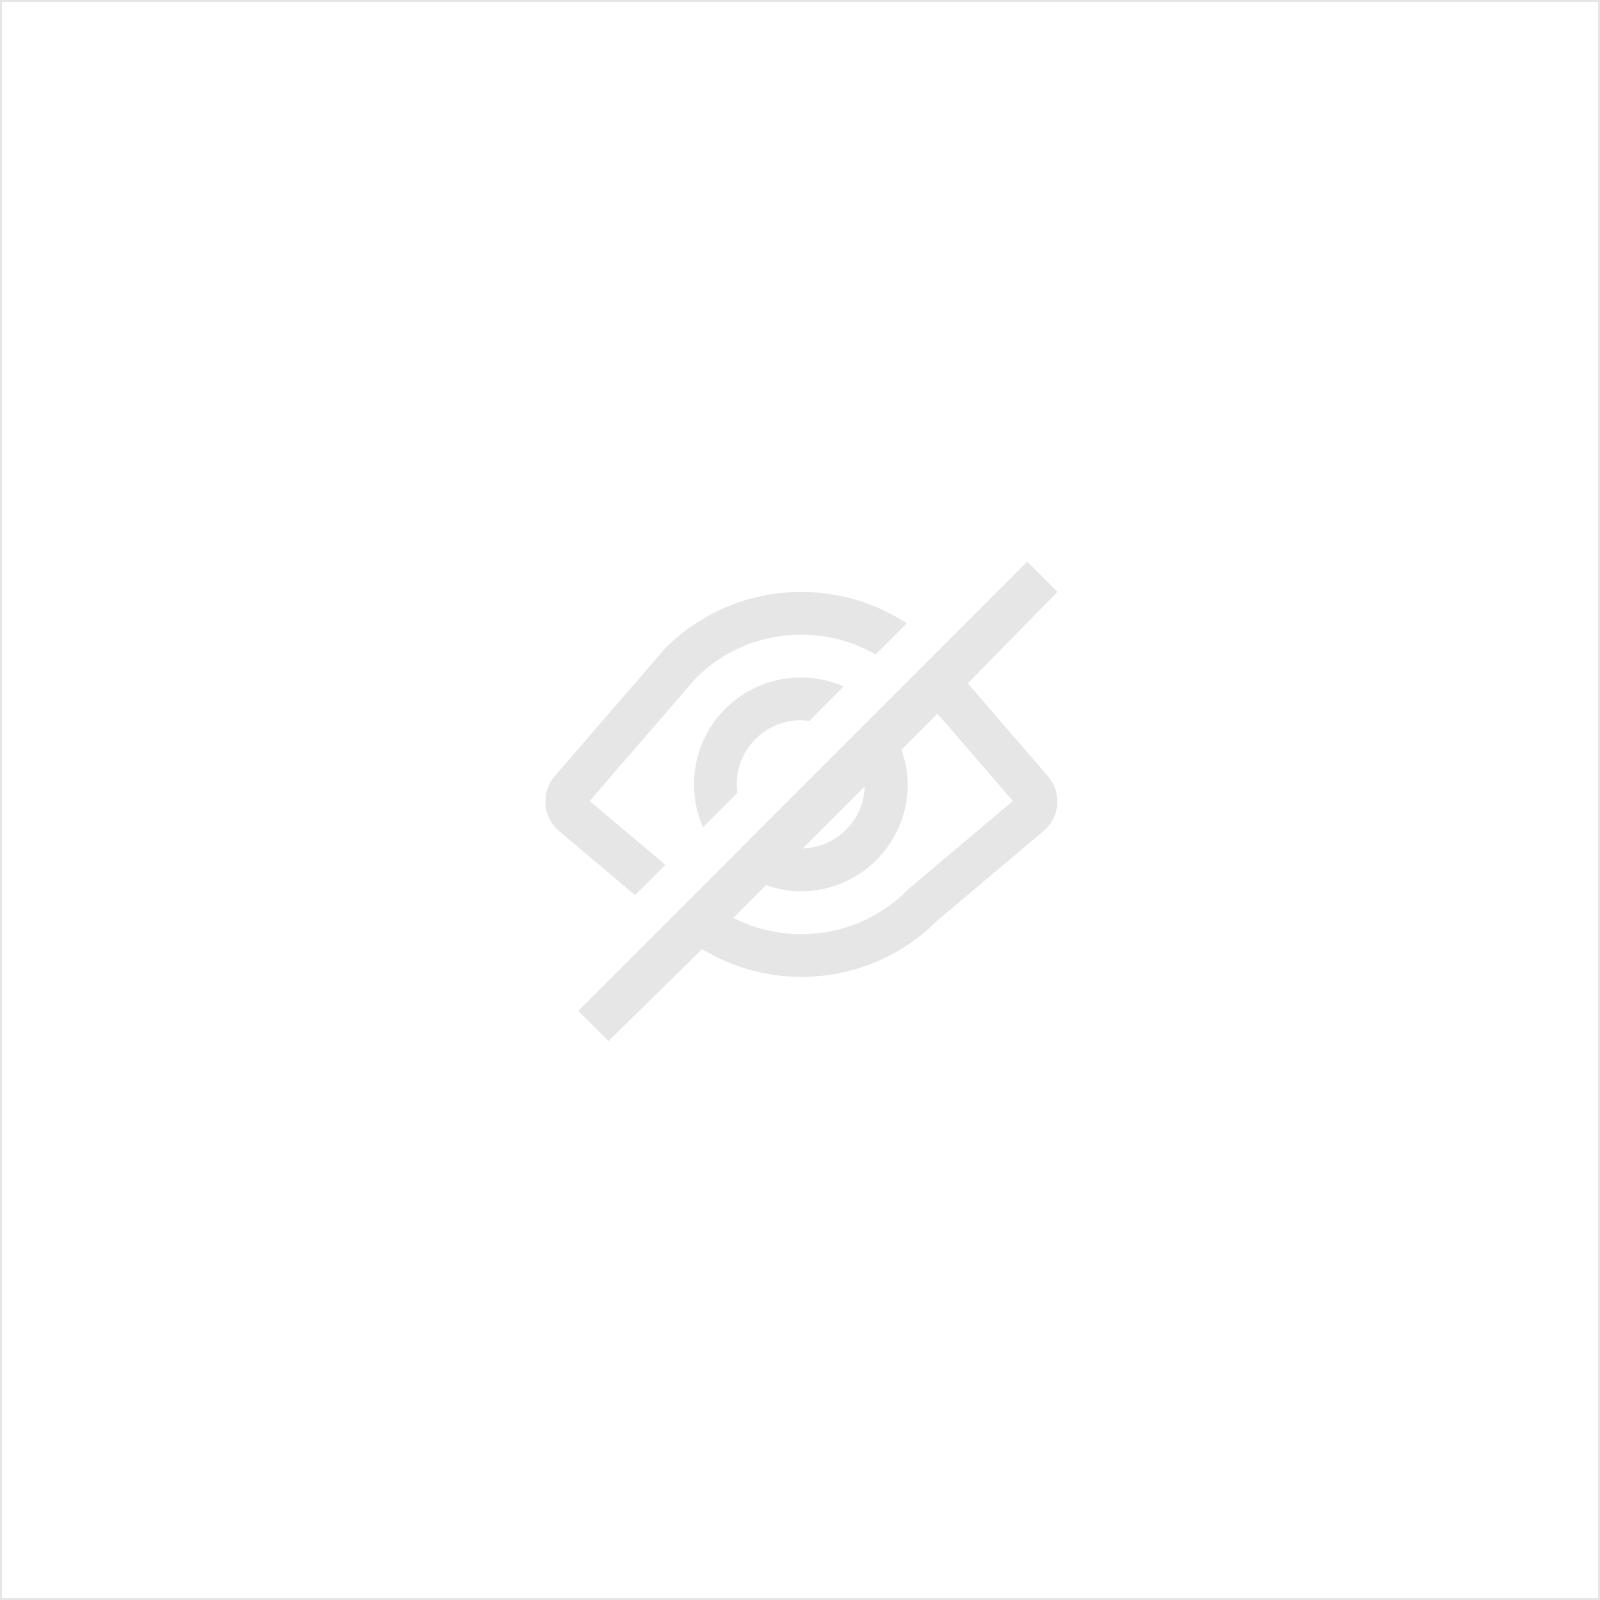 RONDE STAALDRAADBORSTEL MET VERMESSINGDE DRAAD 150 x 20 / 0,25